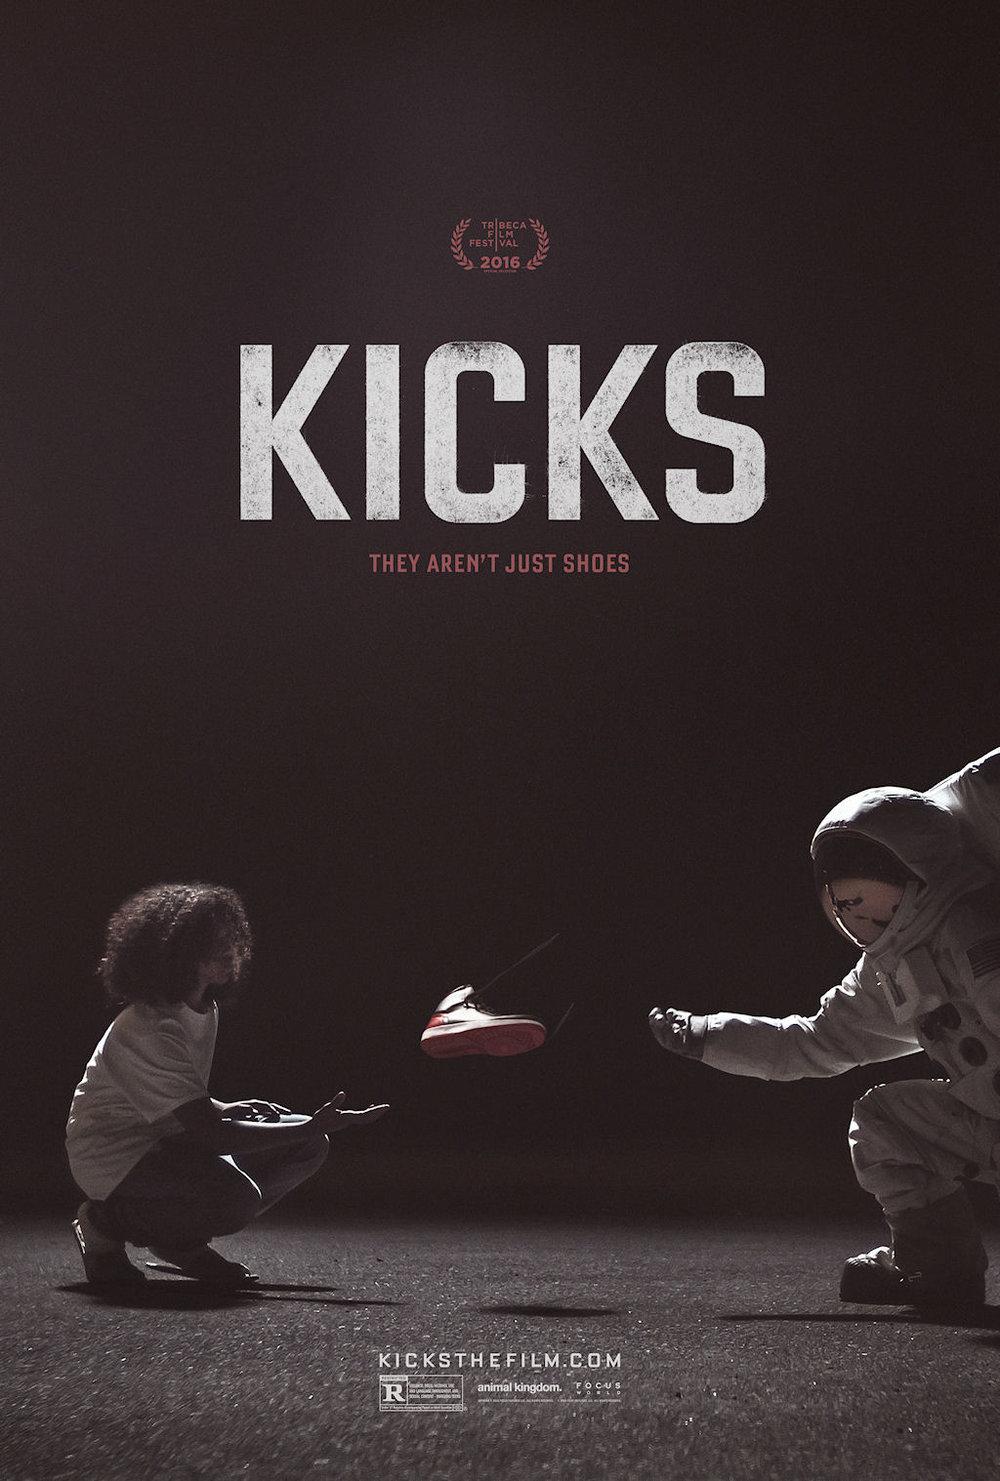 kicks-movie-poster.jpg